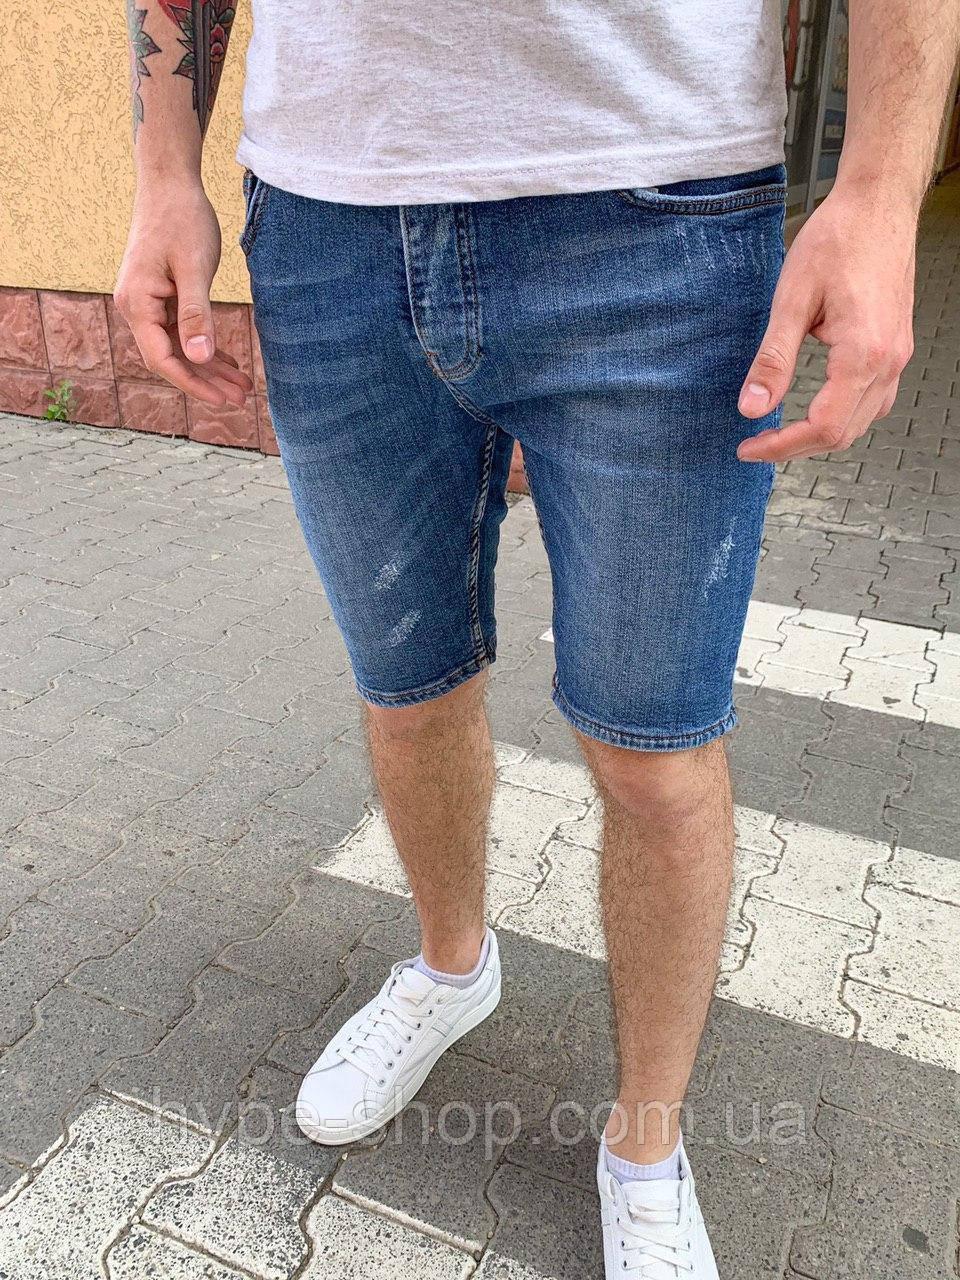 Чоловічі джинсові шорти сині